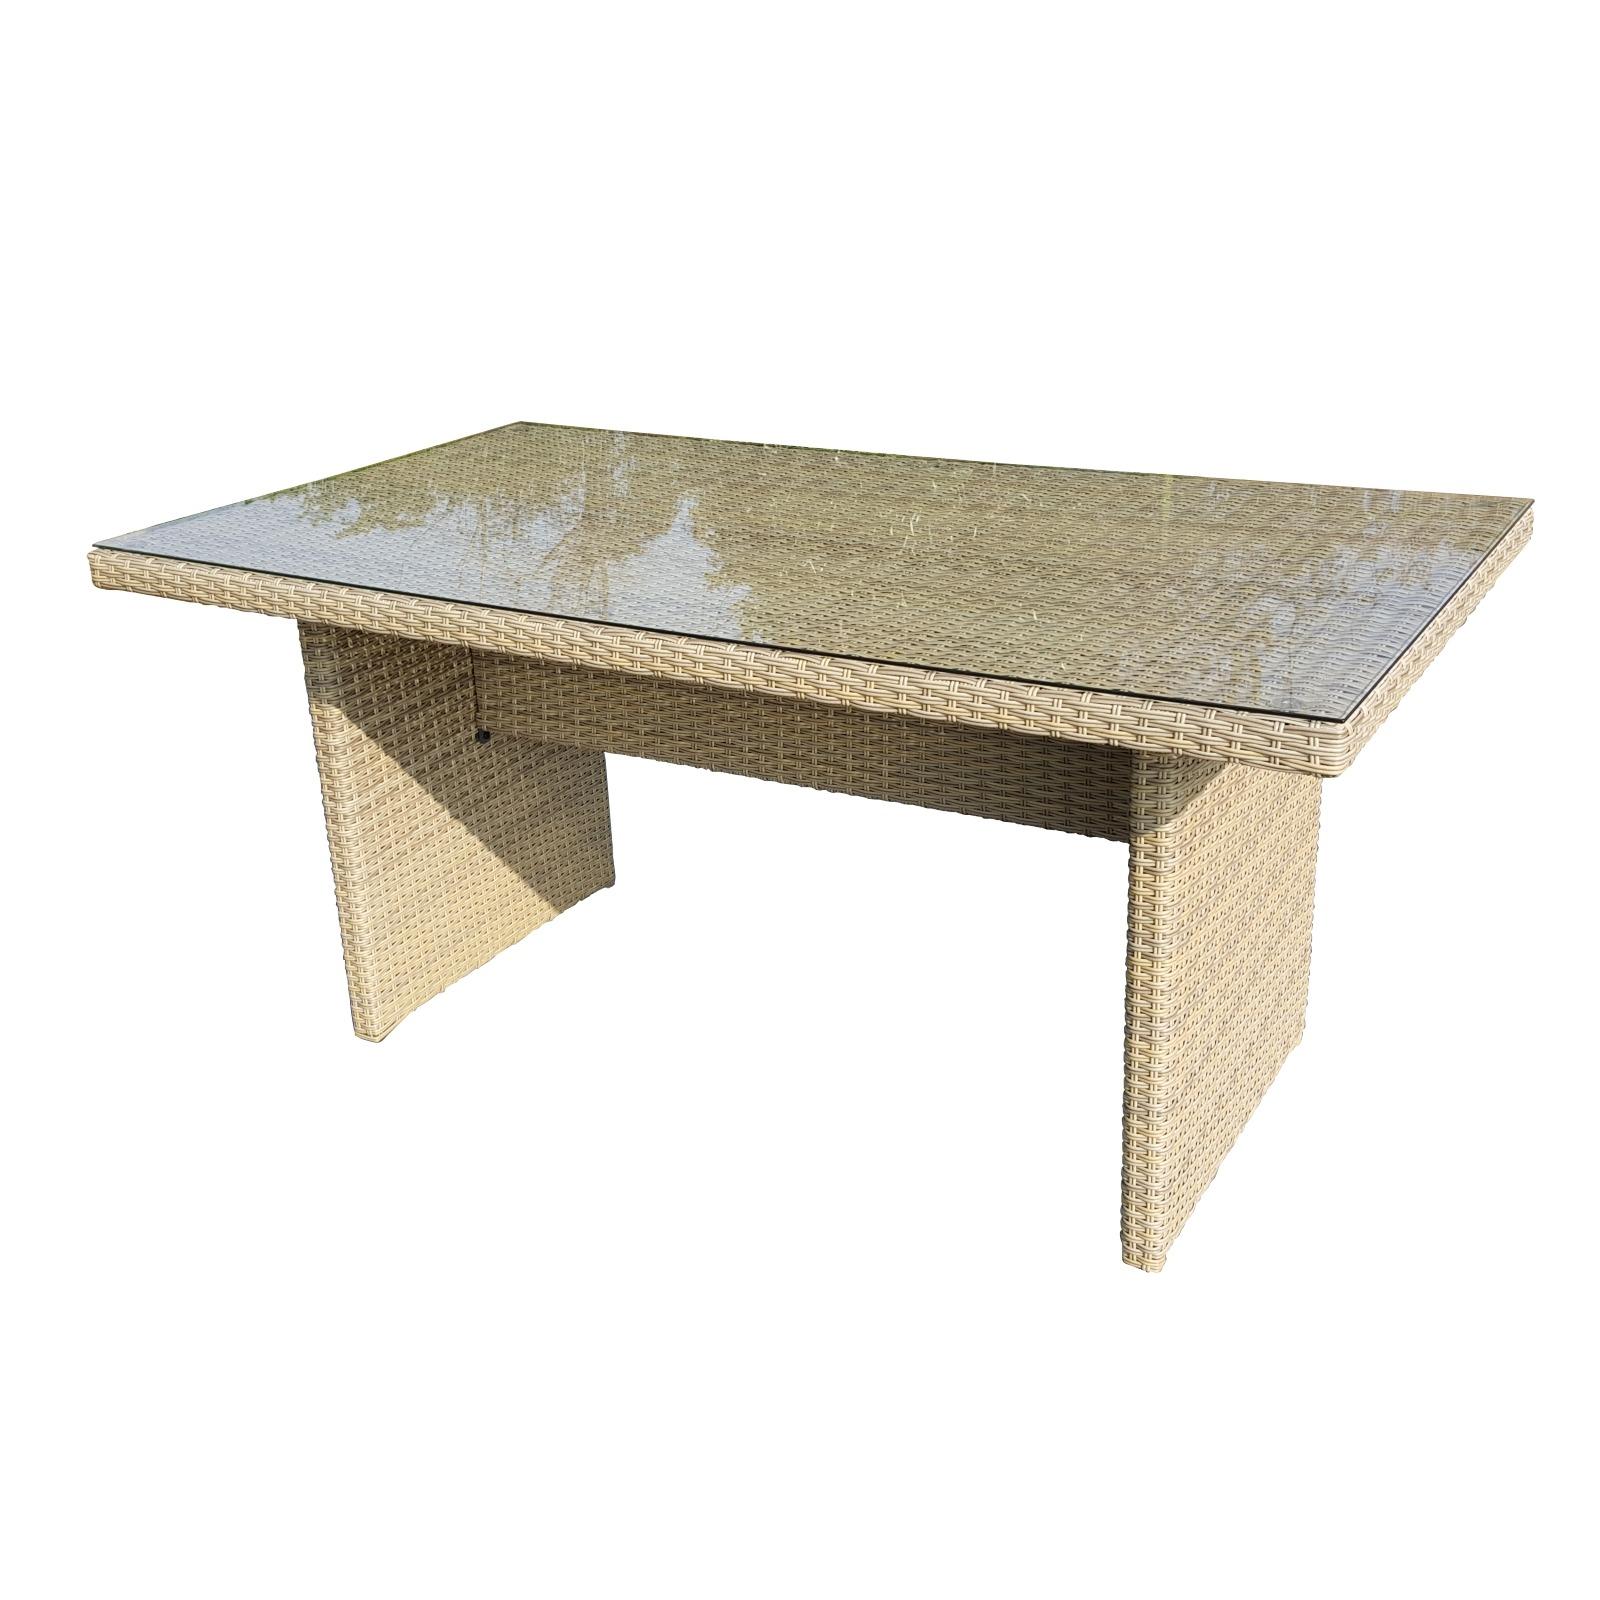 Full Size of Garten Tisch Gartentisch Rund Metall Ikea Kunststoff Klappbar Wetterfest Beton Selber Bauen Landi Ausziehbar Betonplatte Lidl Obi Aldi 120 Cm Polyrattan Natur Garten Garten Tisch